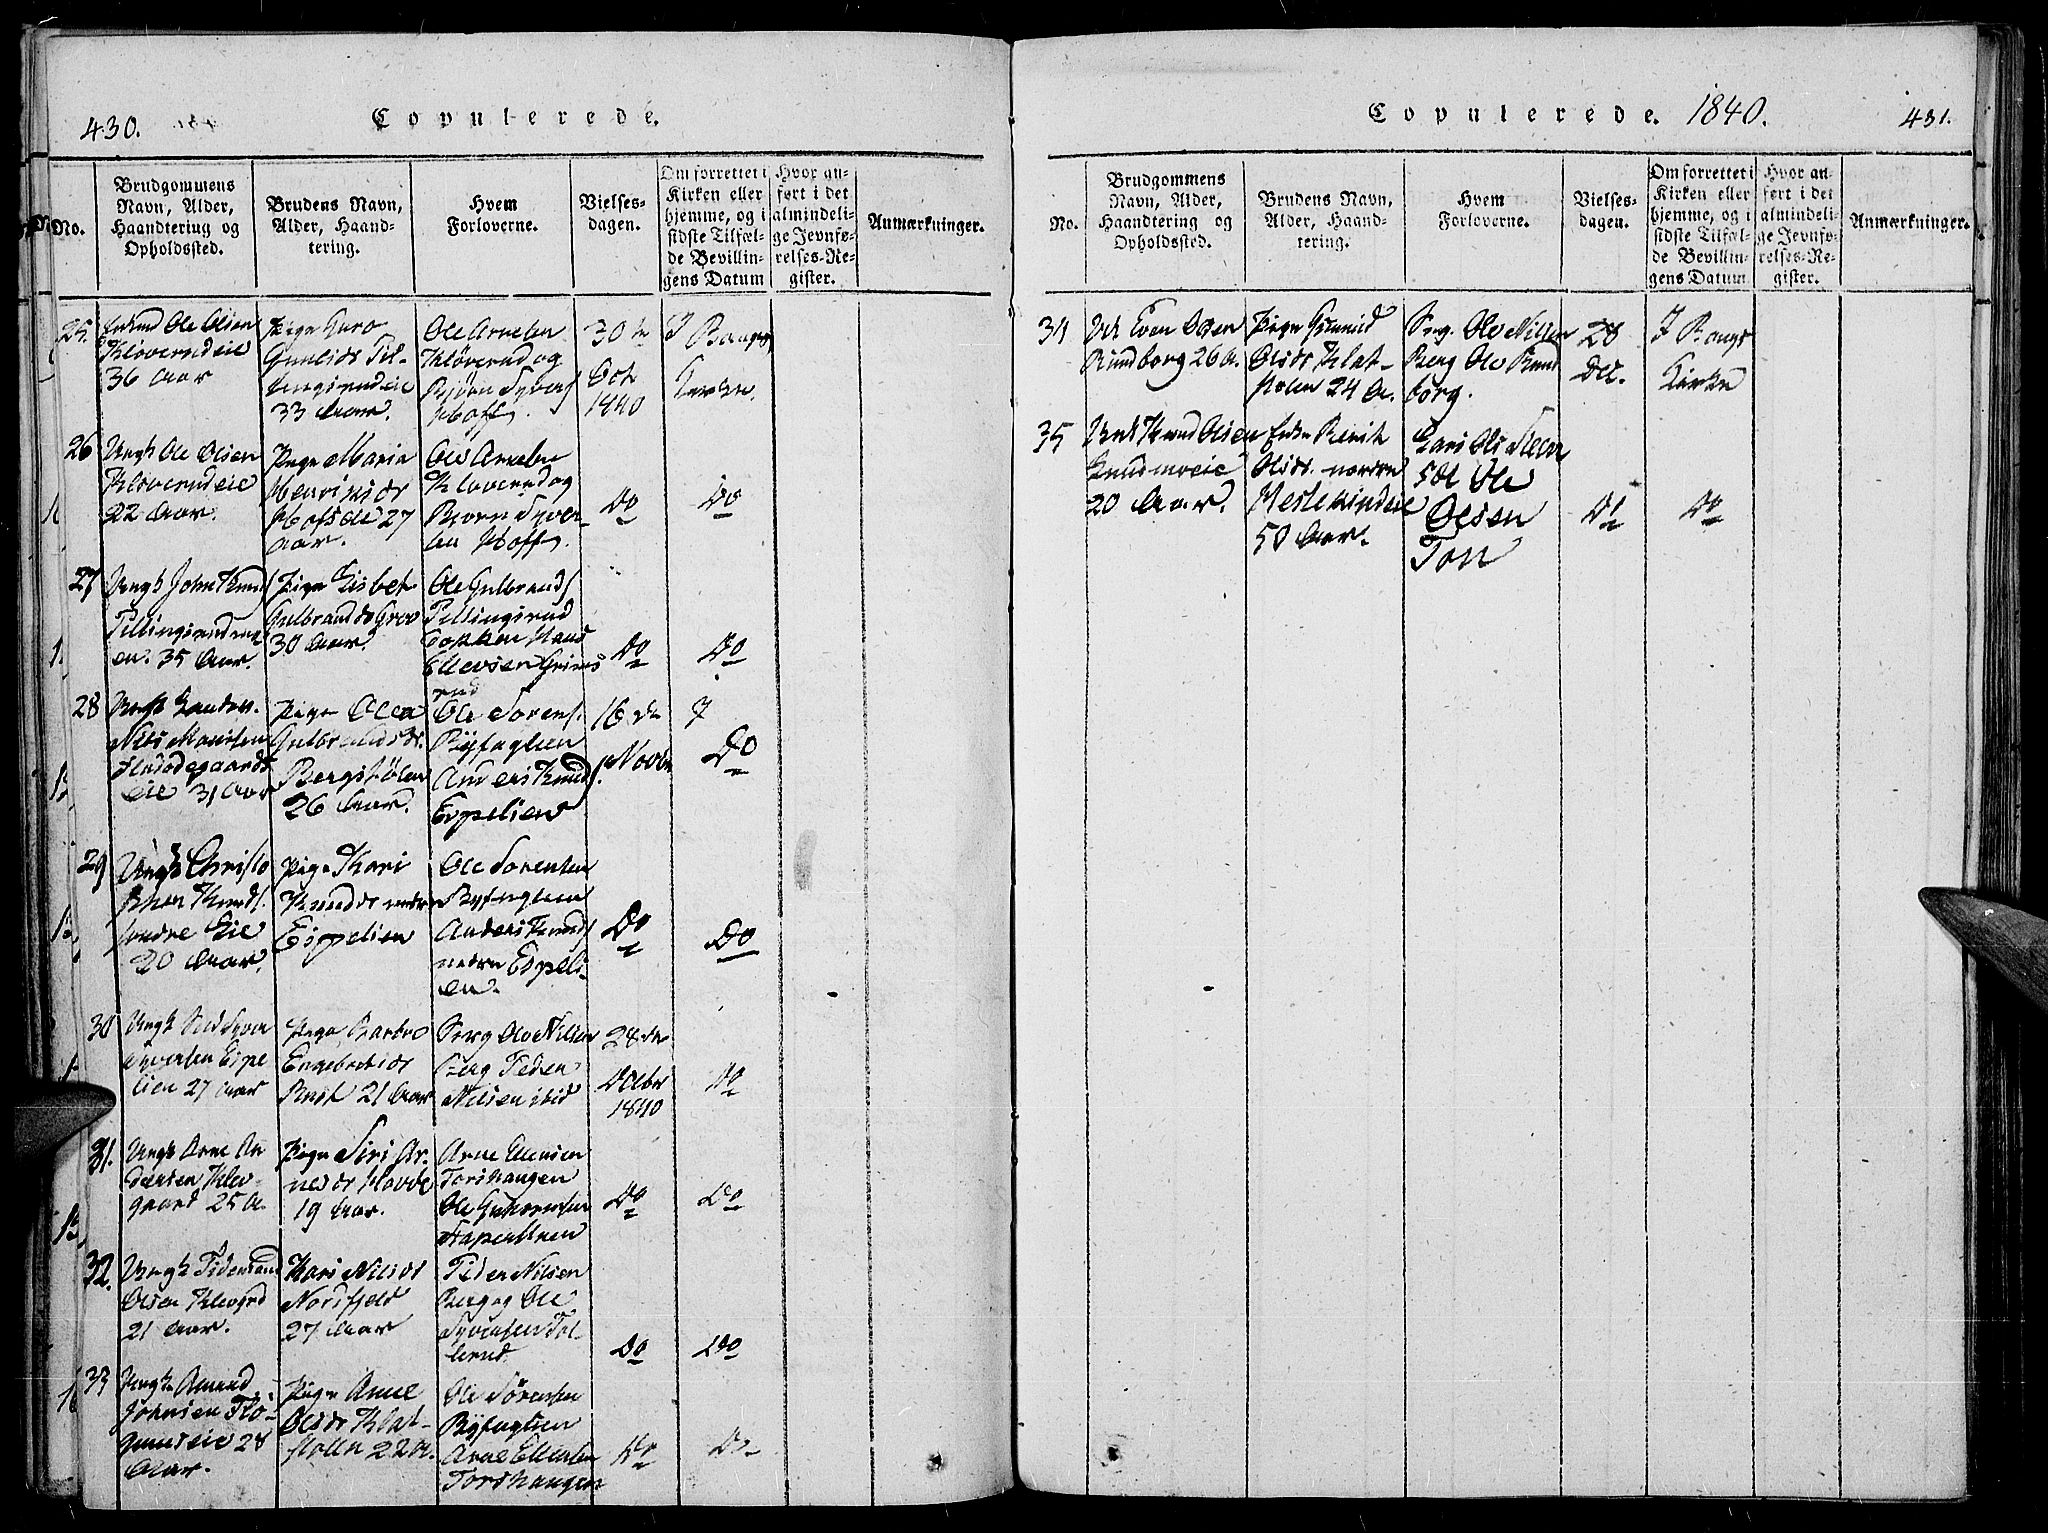 SAH, Sør-Aurdal prestekontor, Ministerialbok nr. 3, 1825-1840, s. 430-431